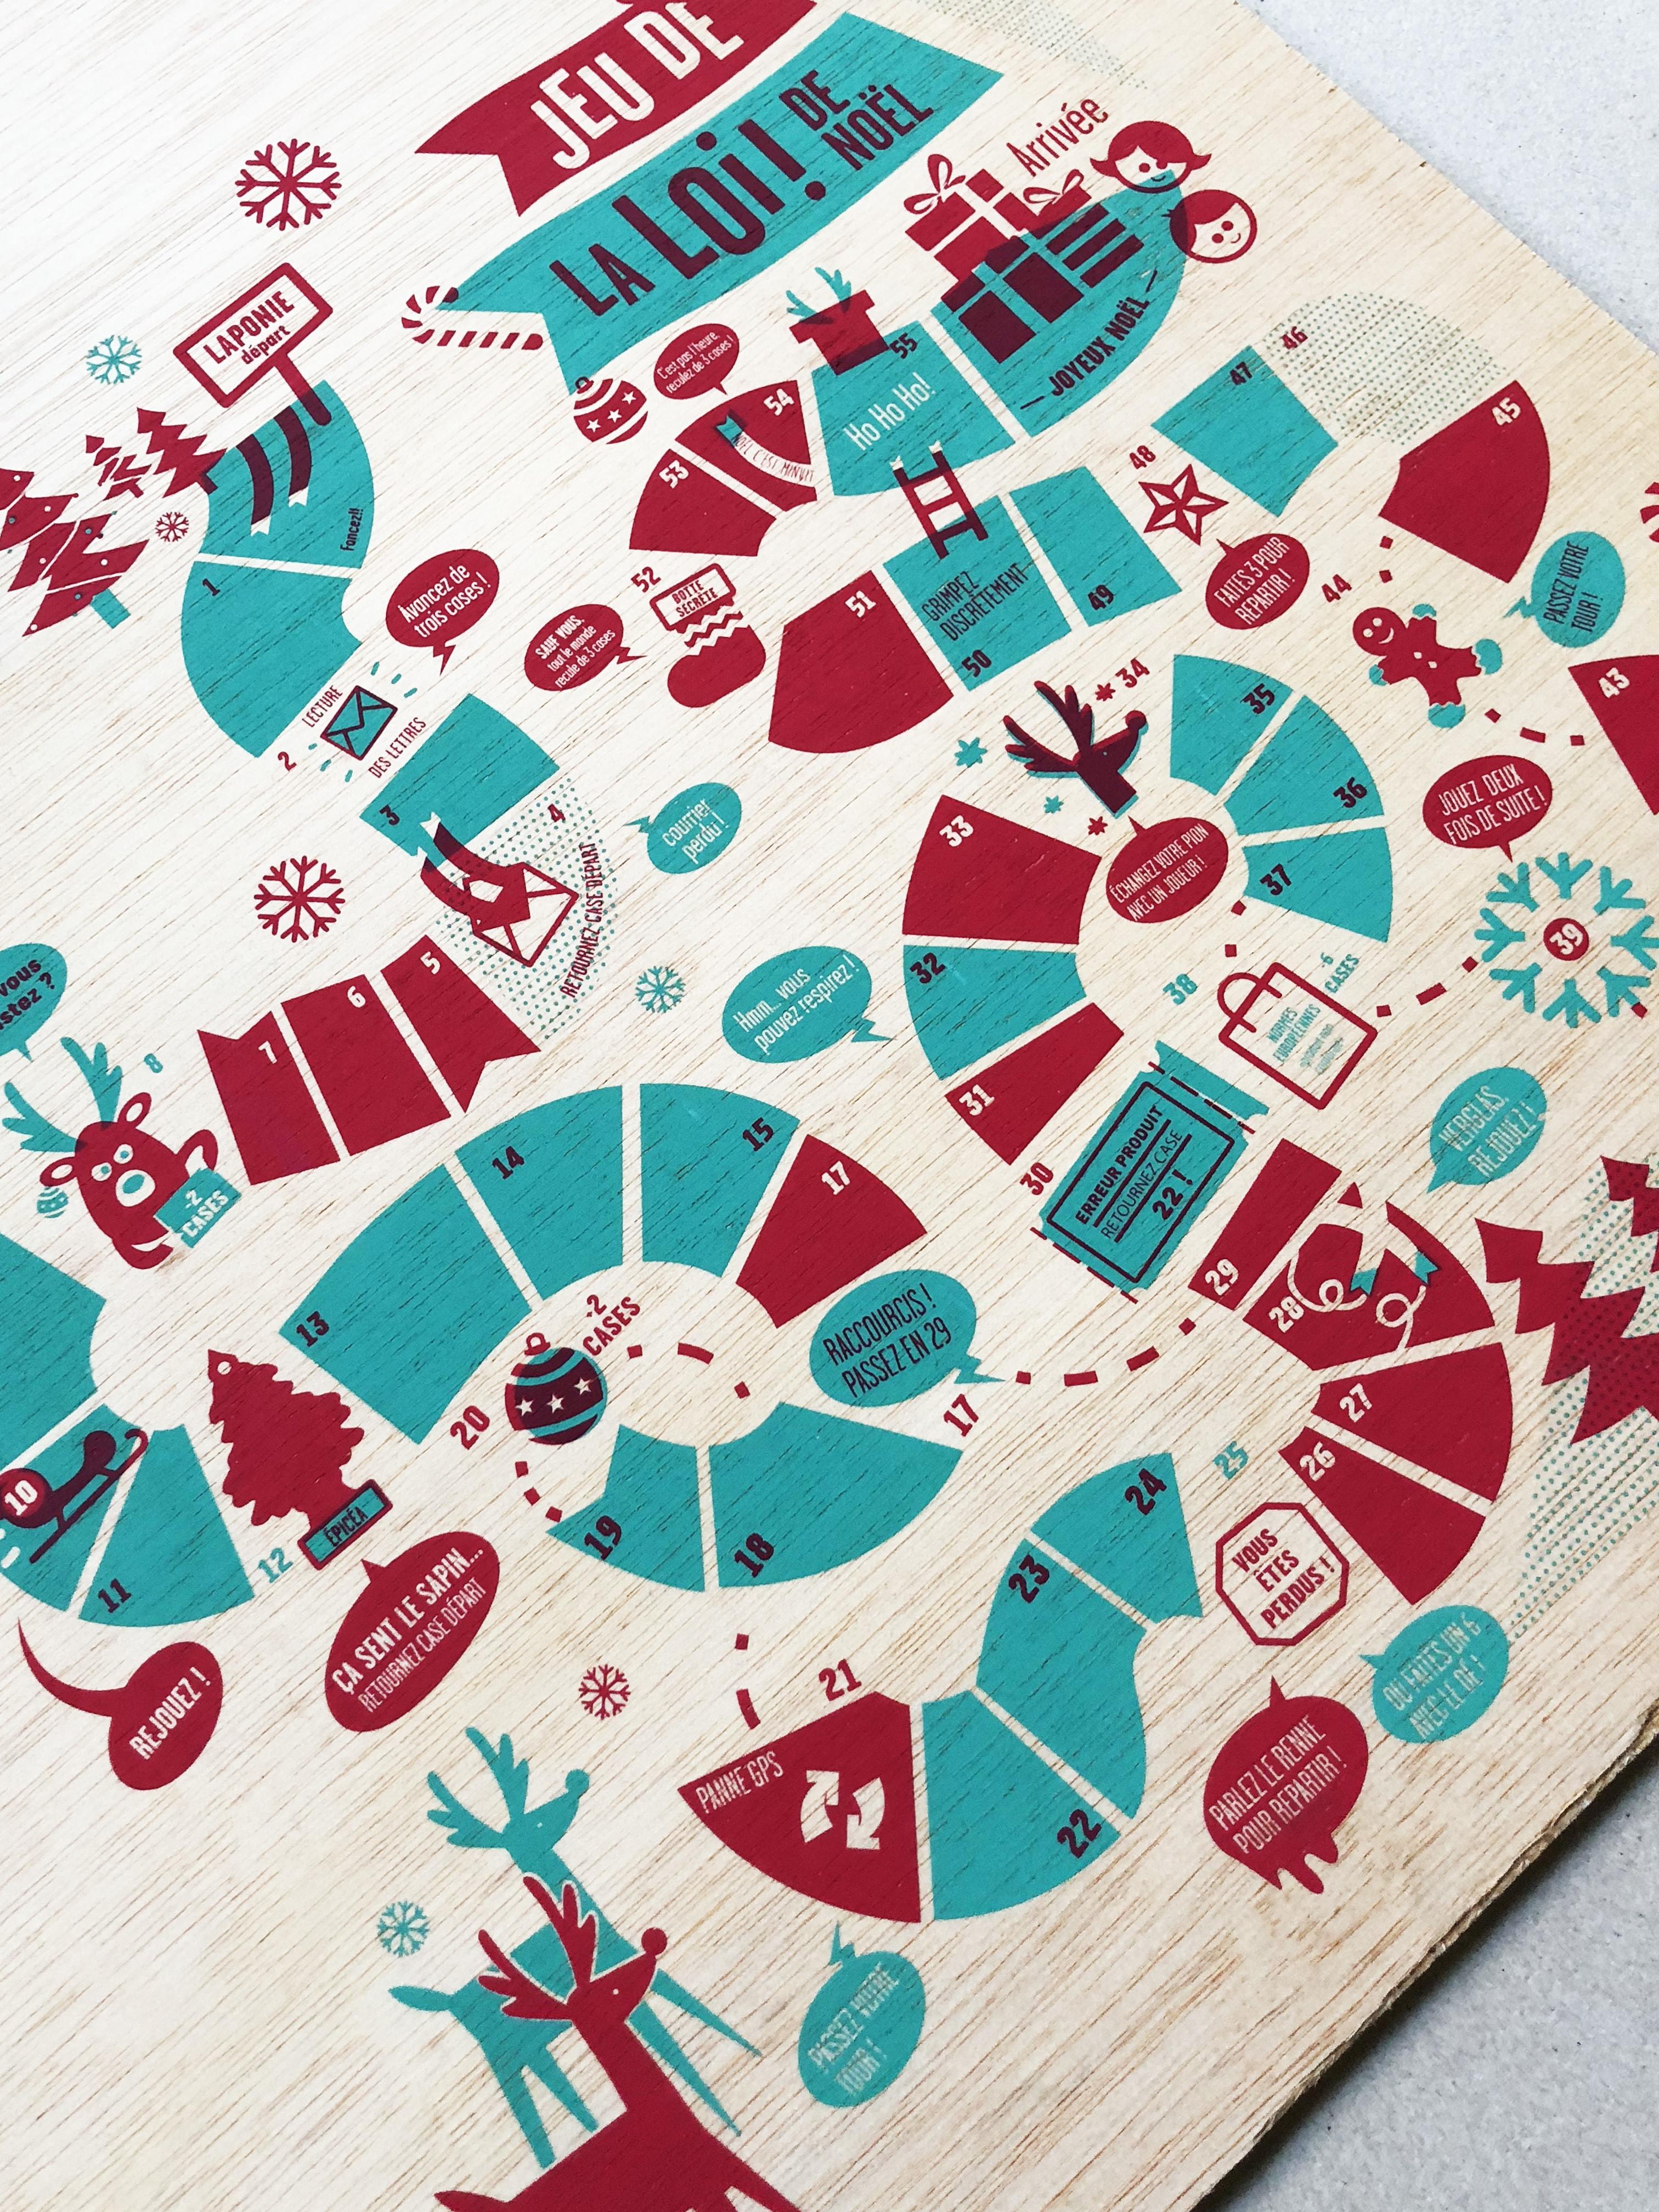 jeu-de-loie-original-bois-imprime-serigraphie-atelier-fwells